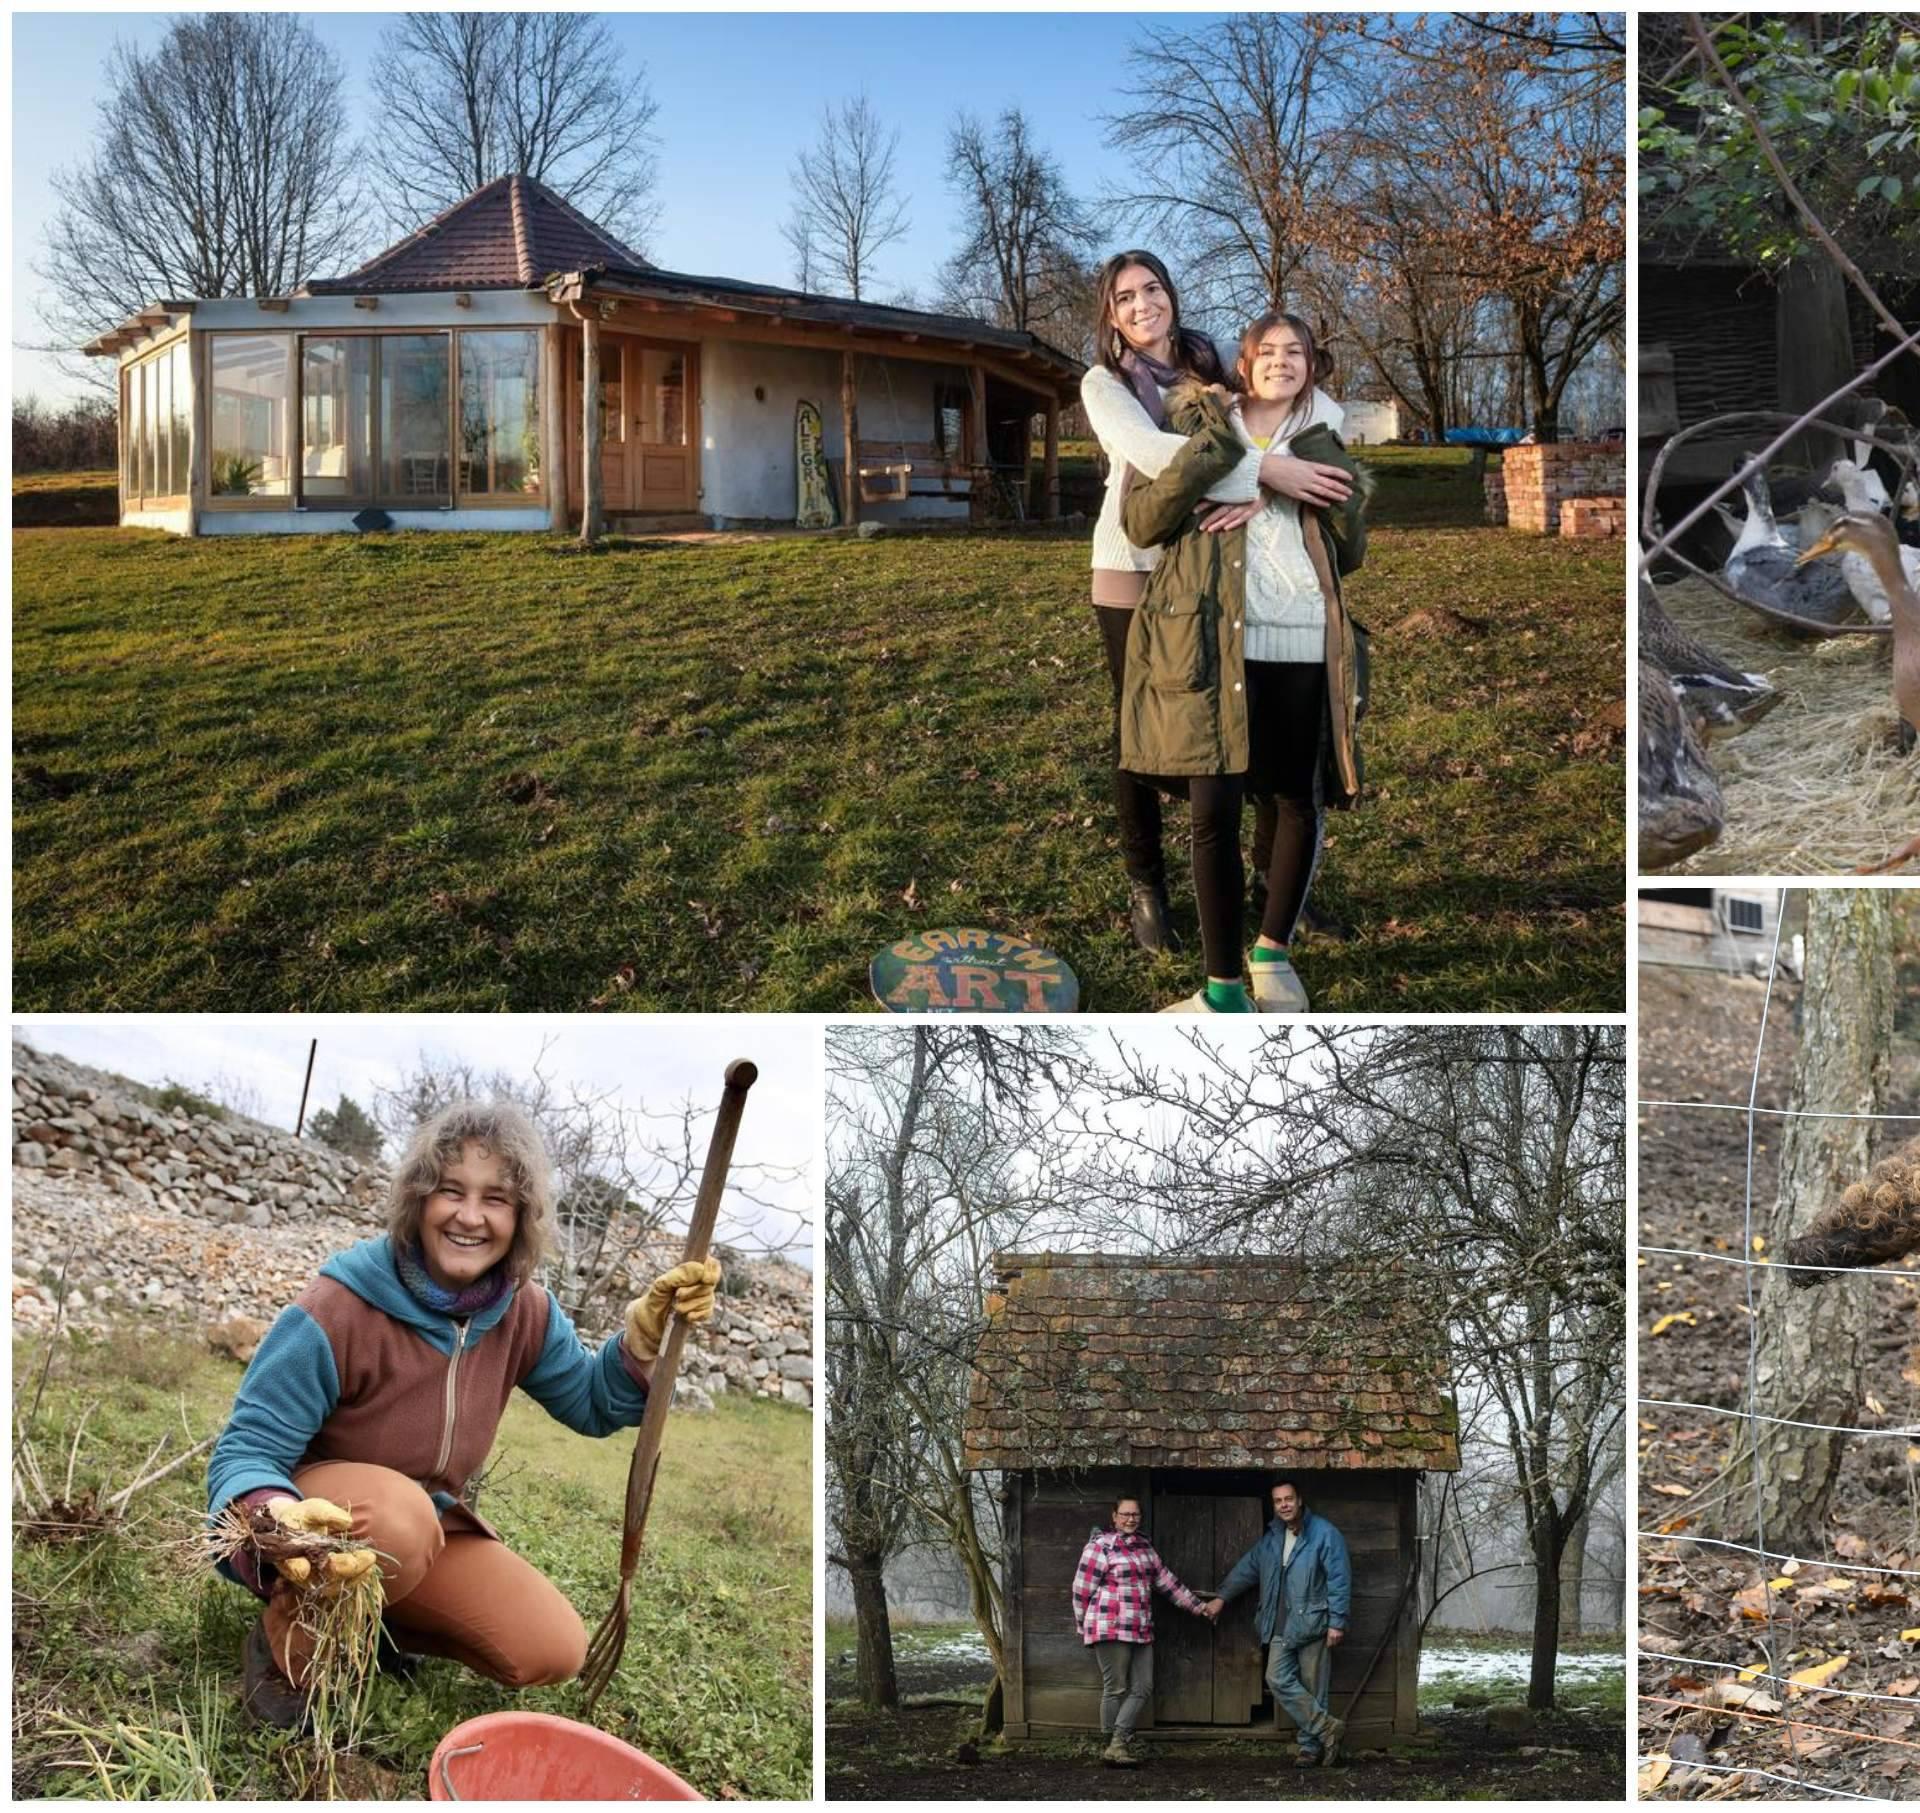 Život je na selu: Sve više ljudi bježi od stresa i nervoze grada